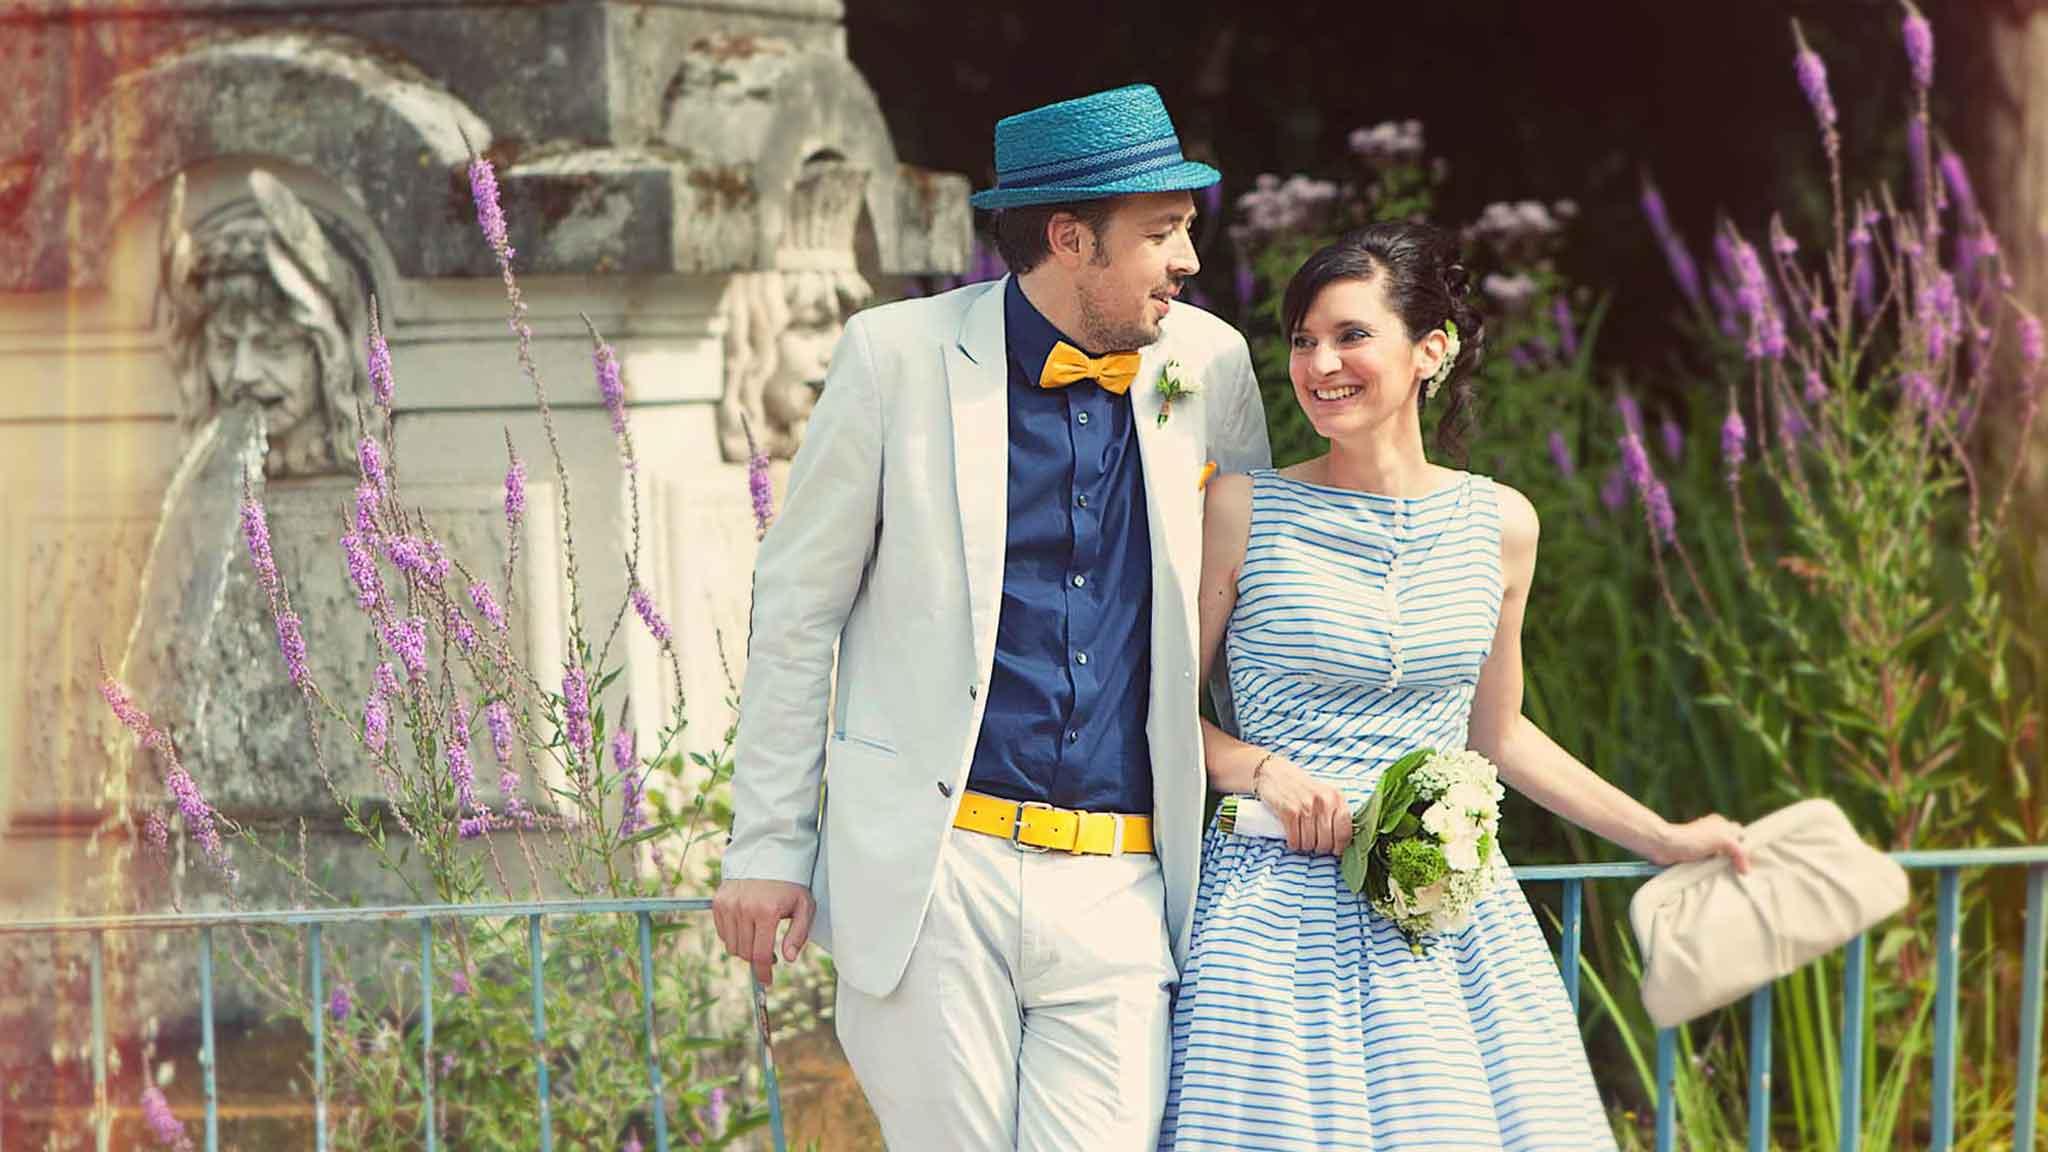 vintage-retro-pin-up-portrait-couple-lavander-photographe-mariage-wedding-photographer